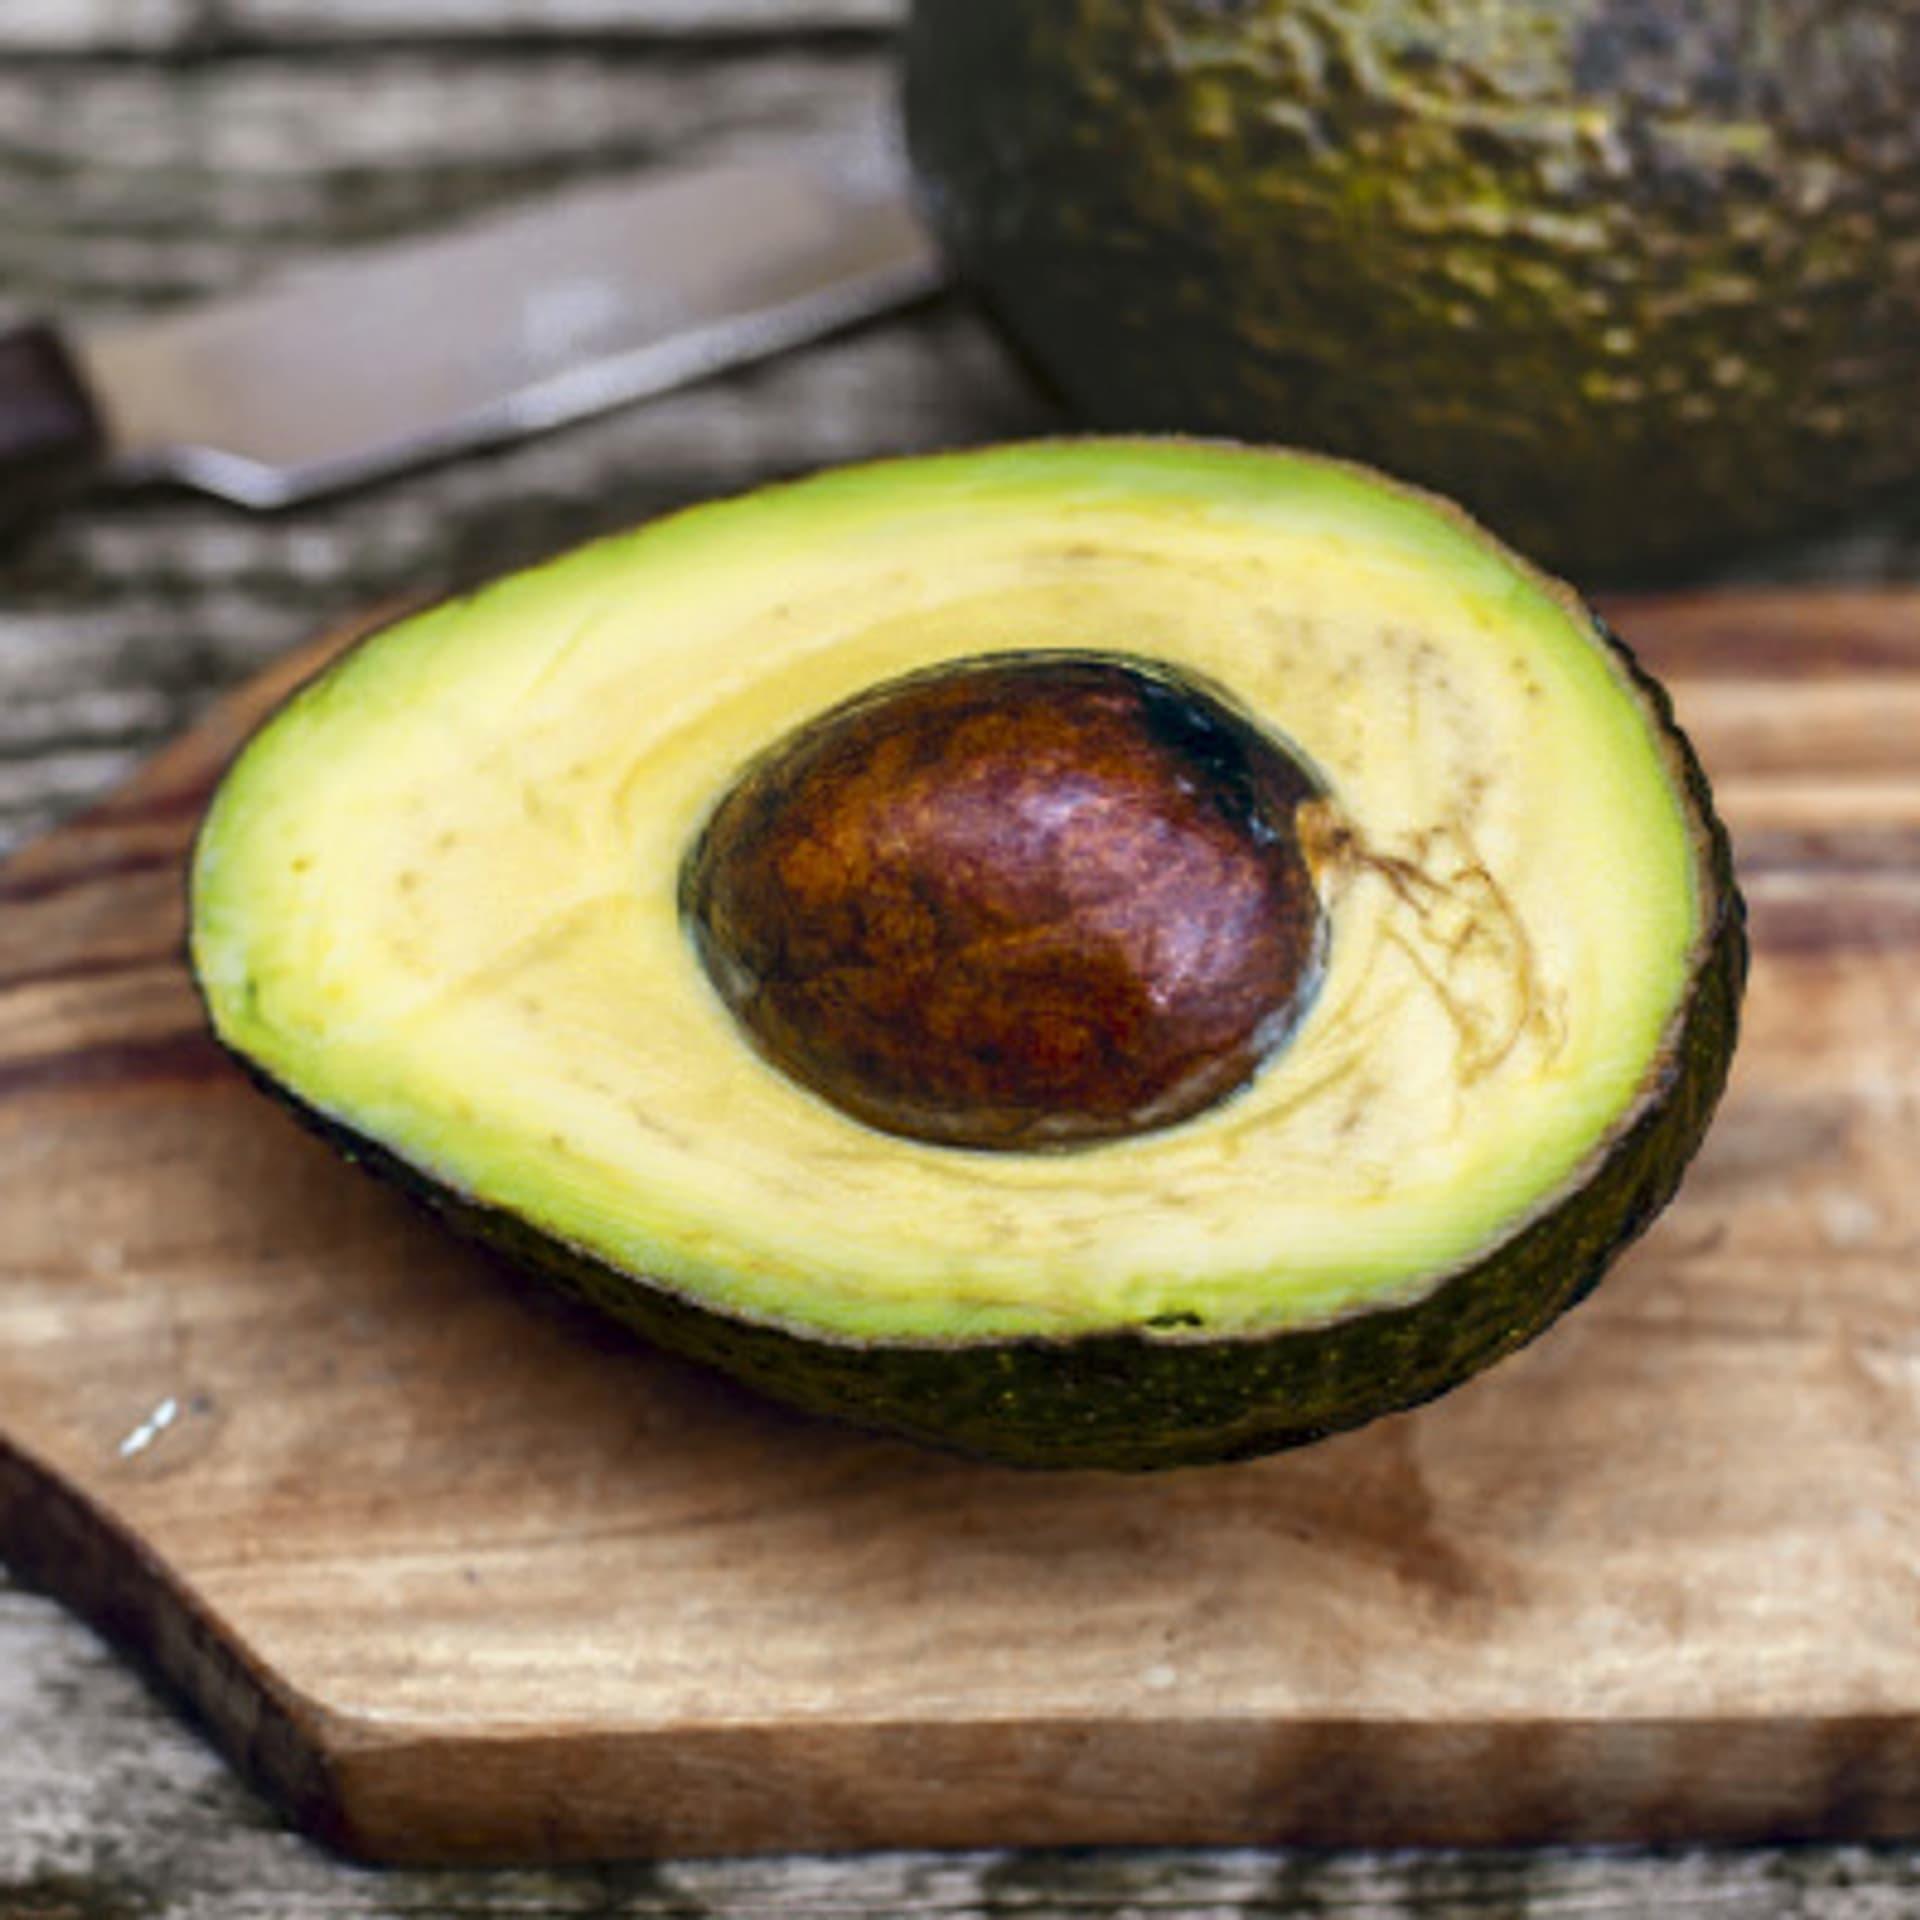 Eine offengeschnittene Avocado liegt auf einem Schneidebrett, daneben ein Messer.